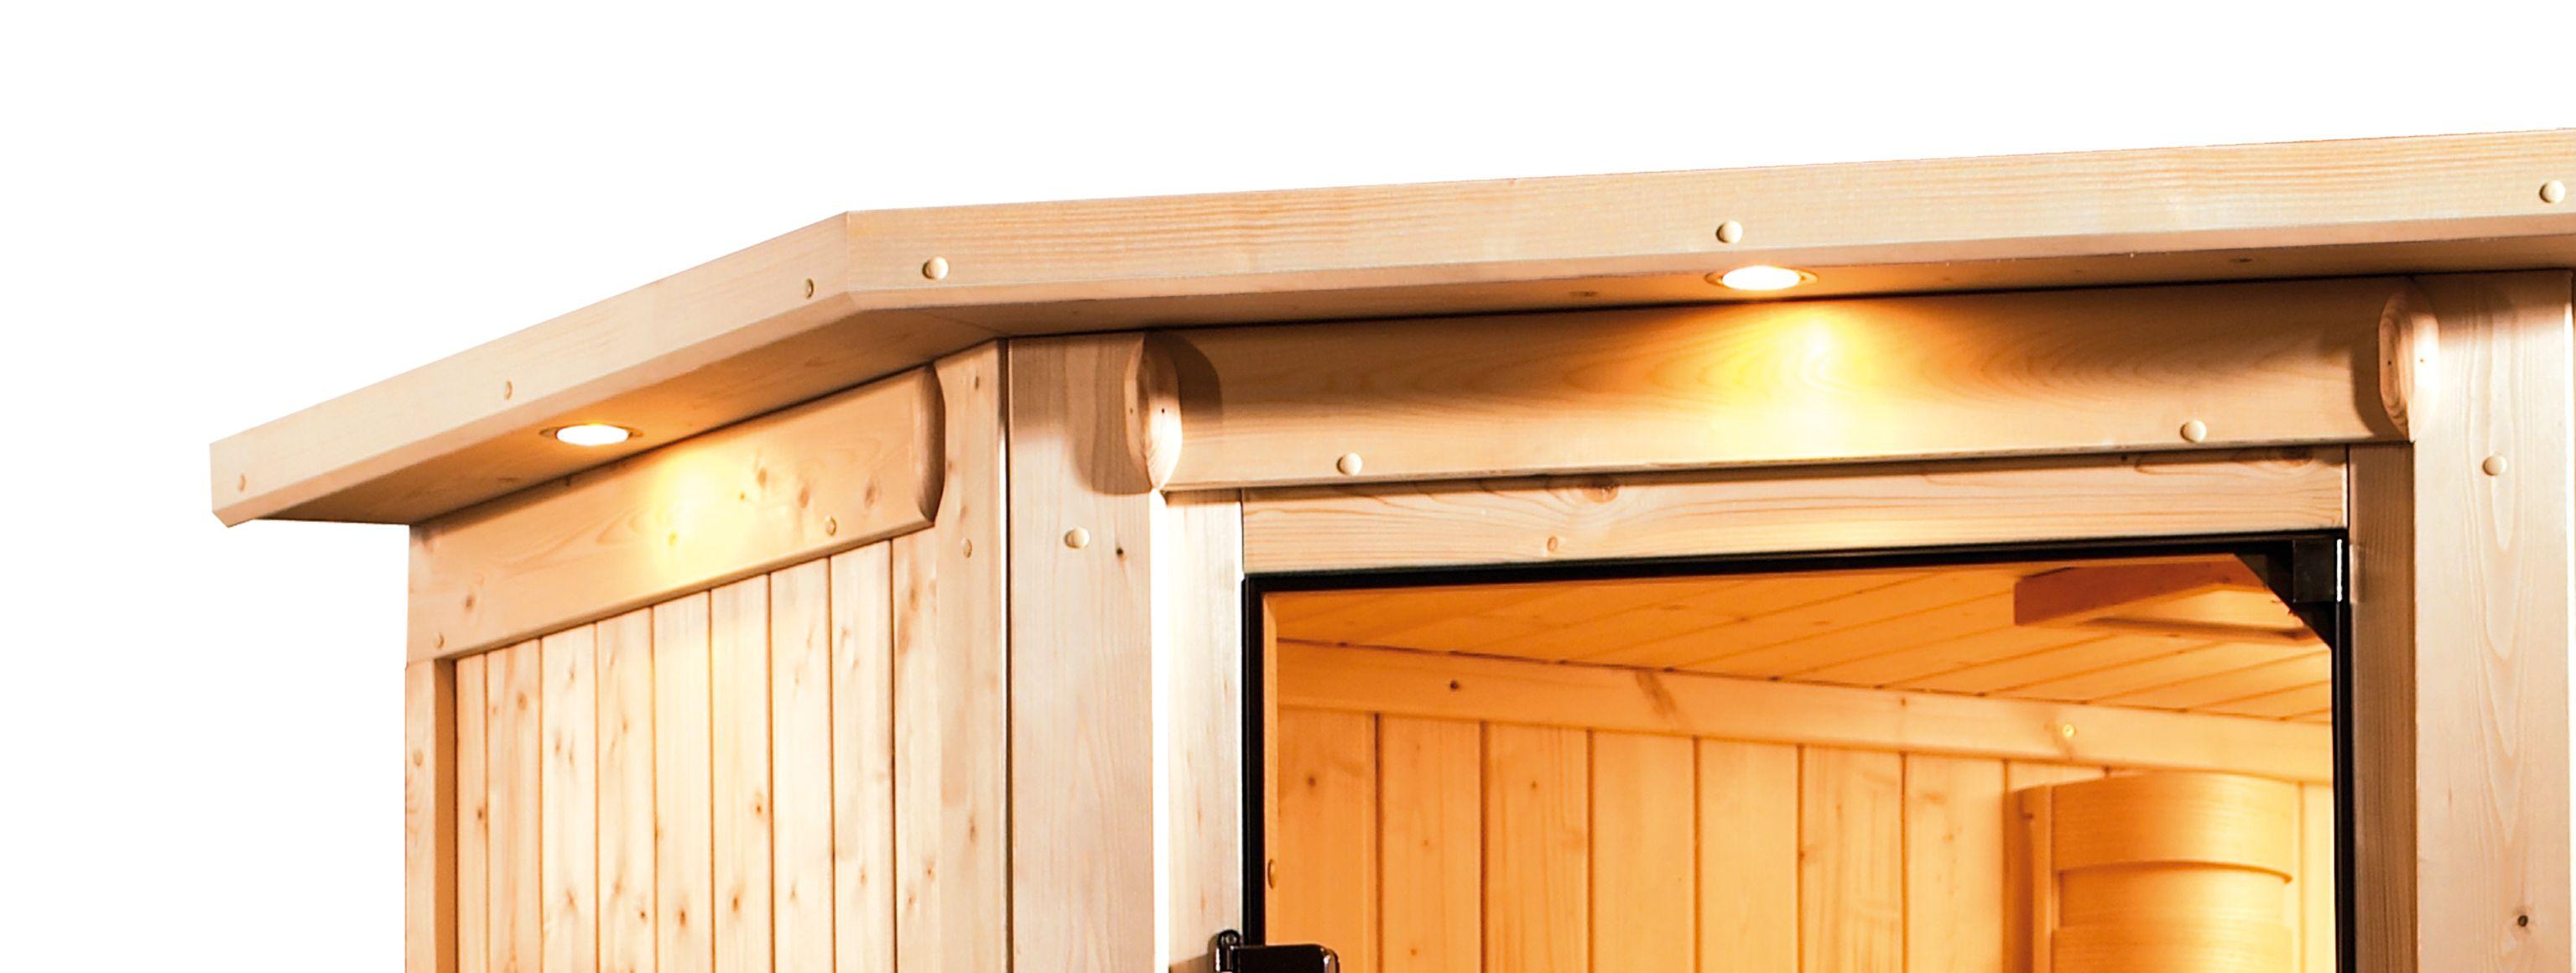 Woodfeeling Sauna Jutta 38mm Dachkranz Saunaofen 9 kW extern Bild 6